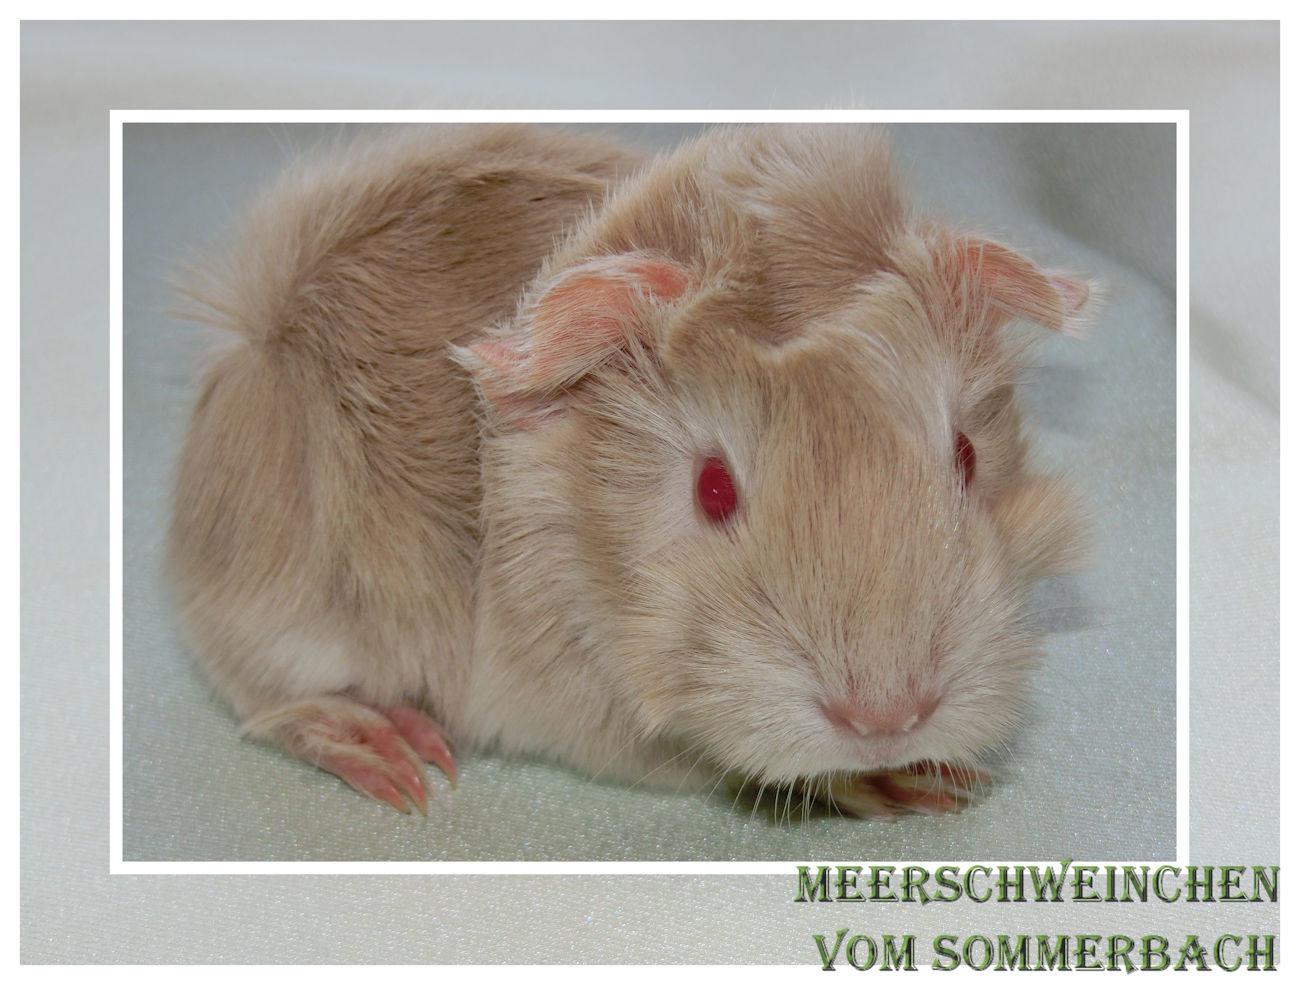 Éowyn vom Sommerbach 1 Tag nach ihrer Geburt